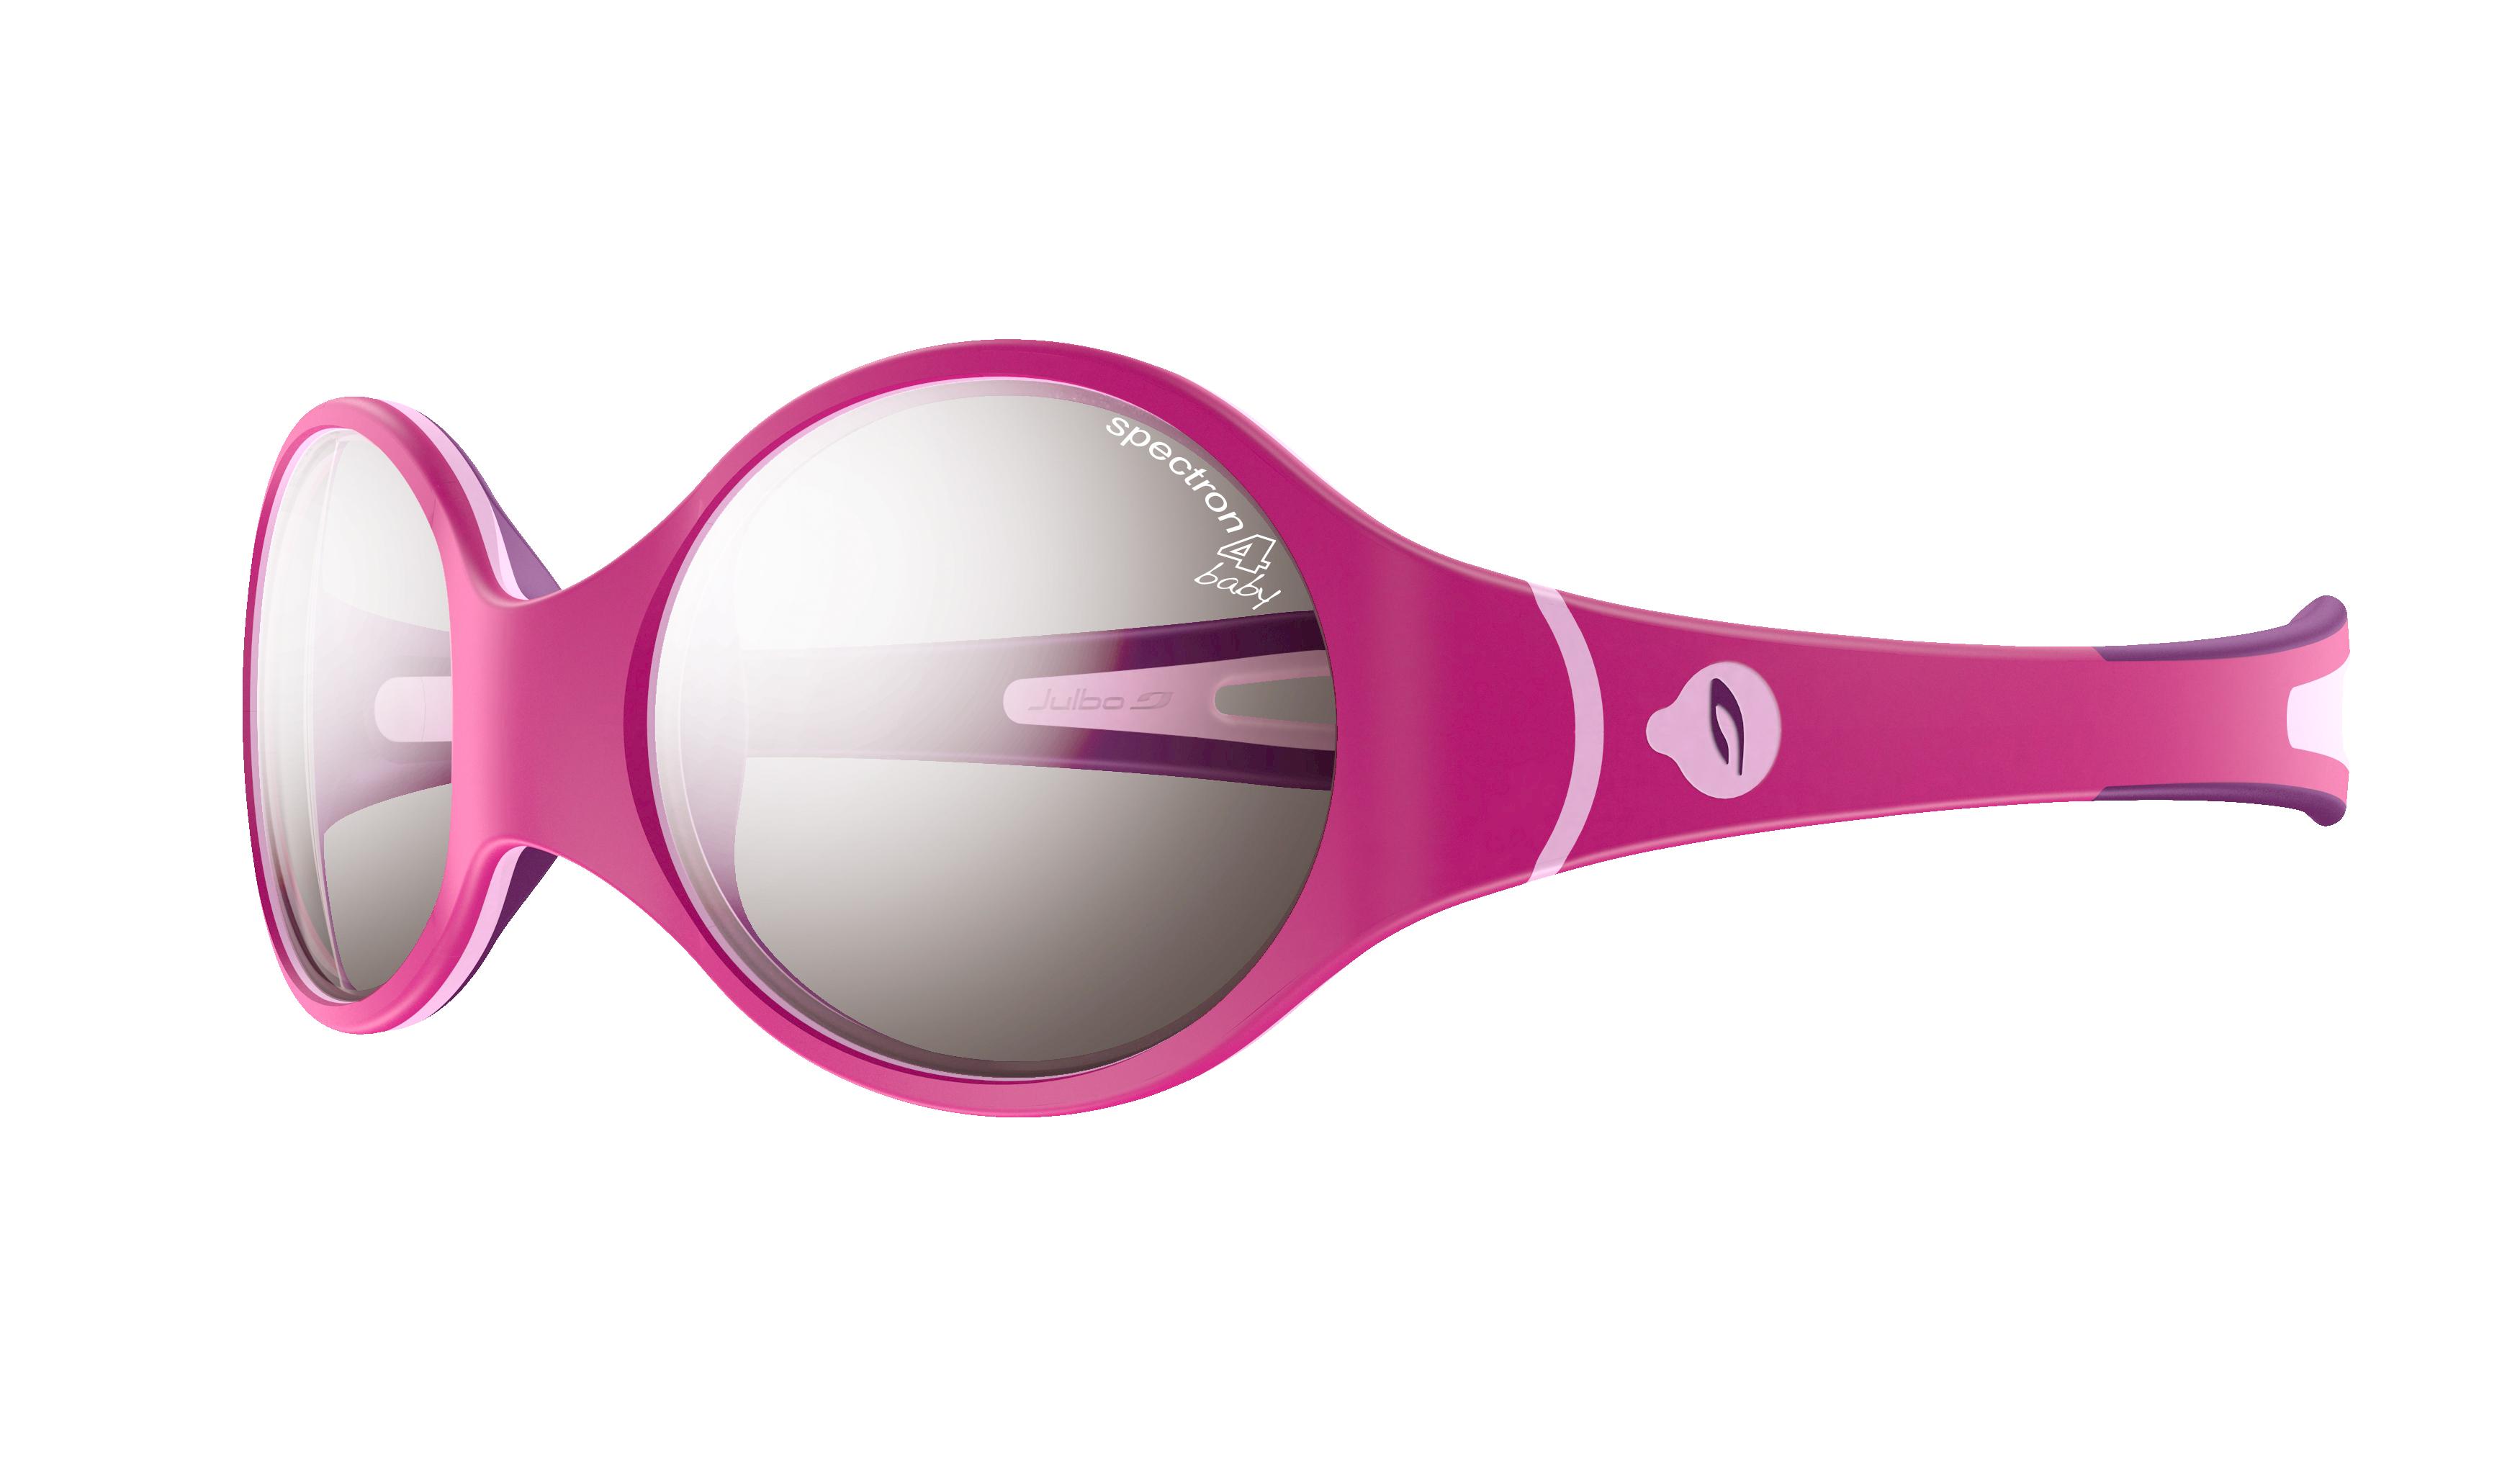 Julbo - Loop Spectron 4 Baby - Sonnenbrille - Kinder (2-4 Jahre alt)